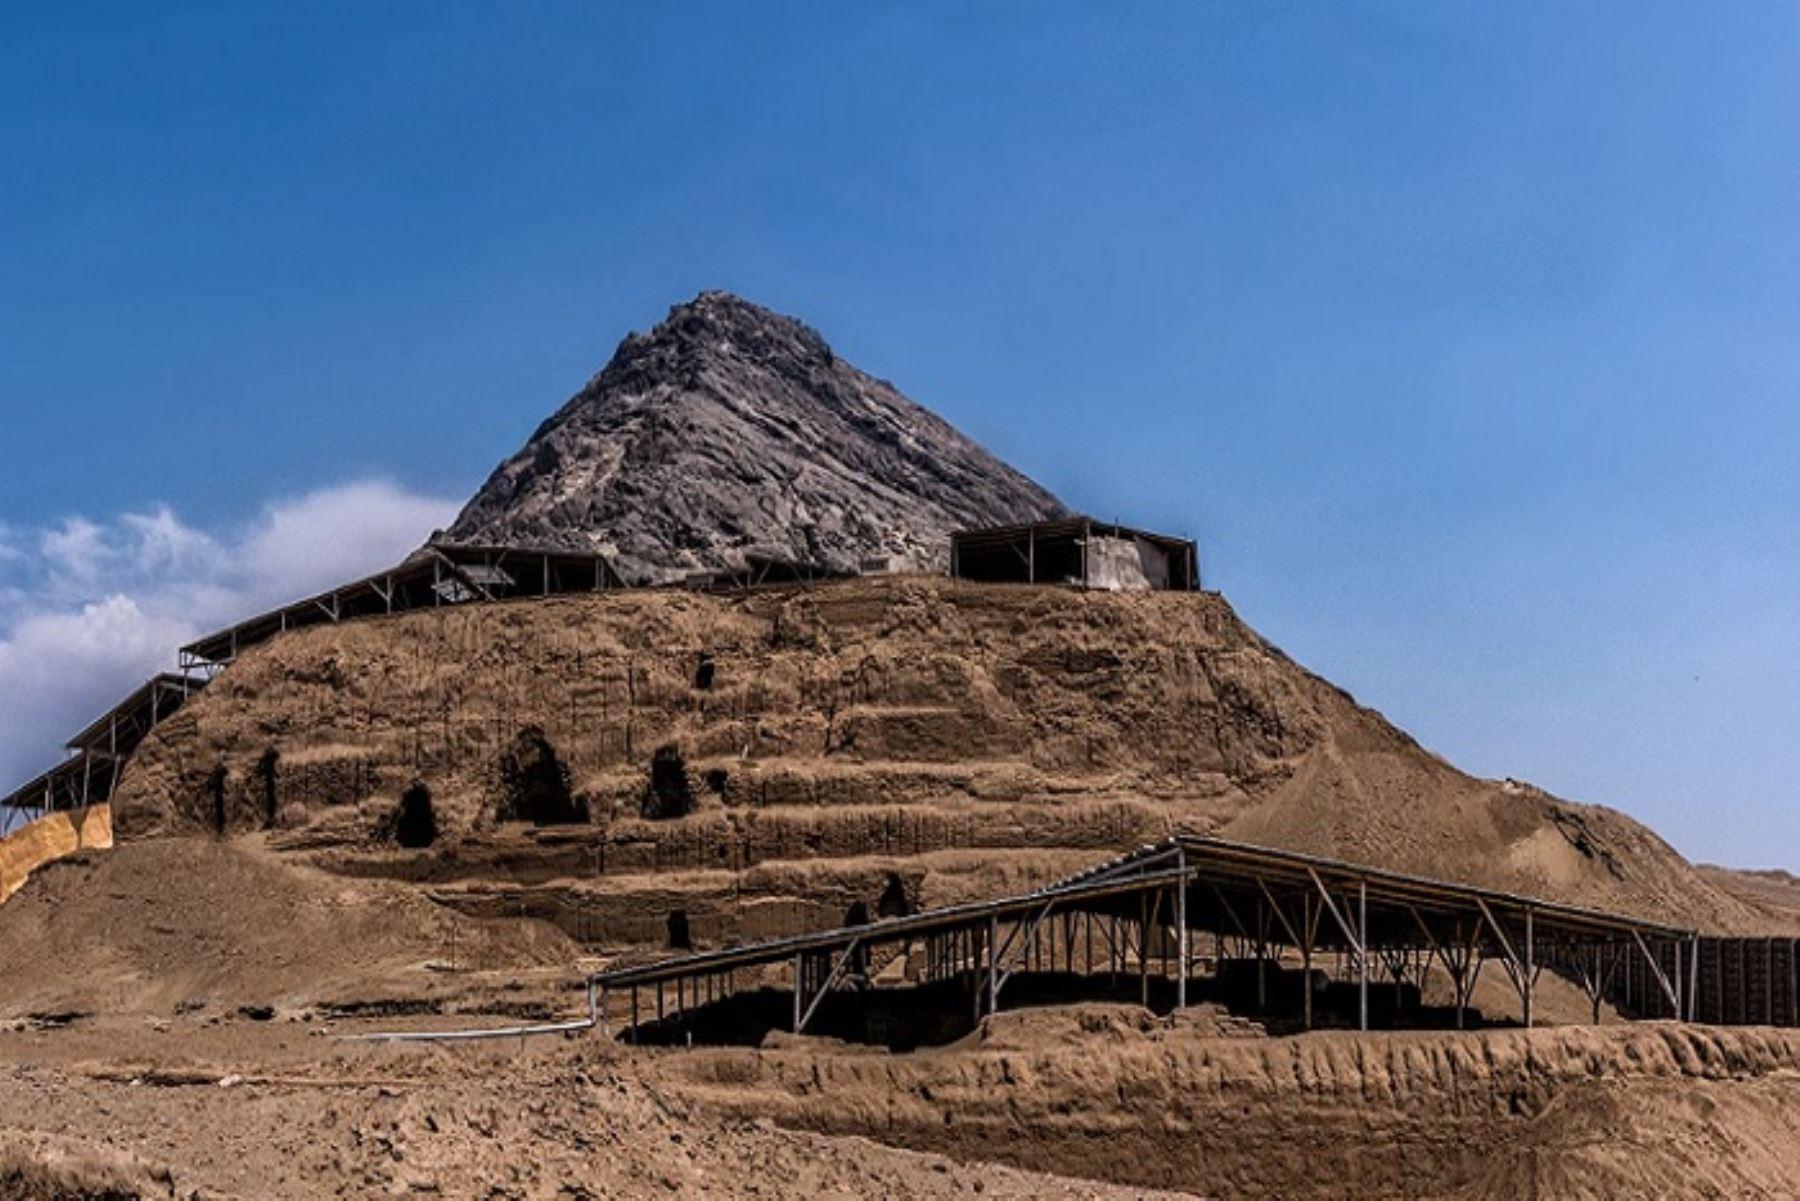 Las huacas del Sol y la Luna se ubican aproximadamente a 8 kilómetros de Trujillo, capital de la región La Libertad, y fueron grandes monumentos arquitectónicos de la cultura Moche.